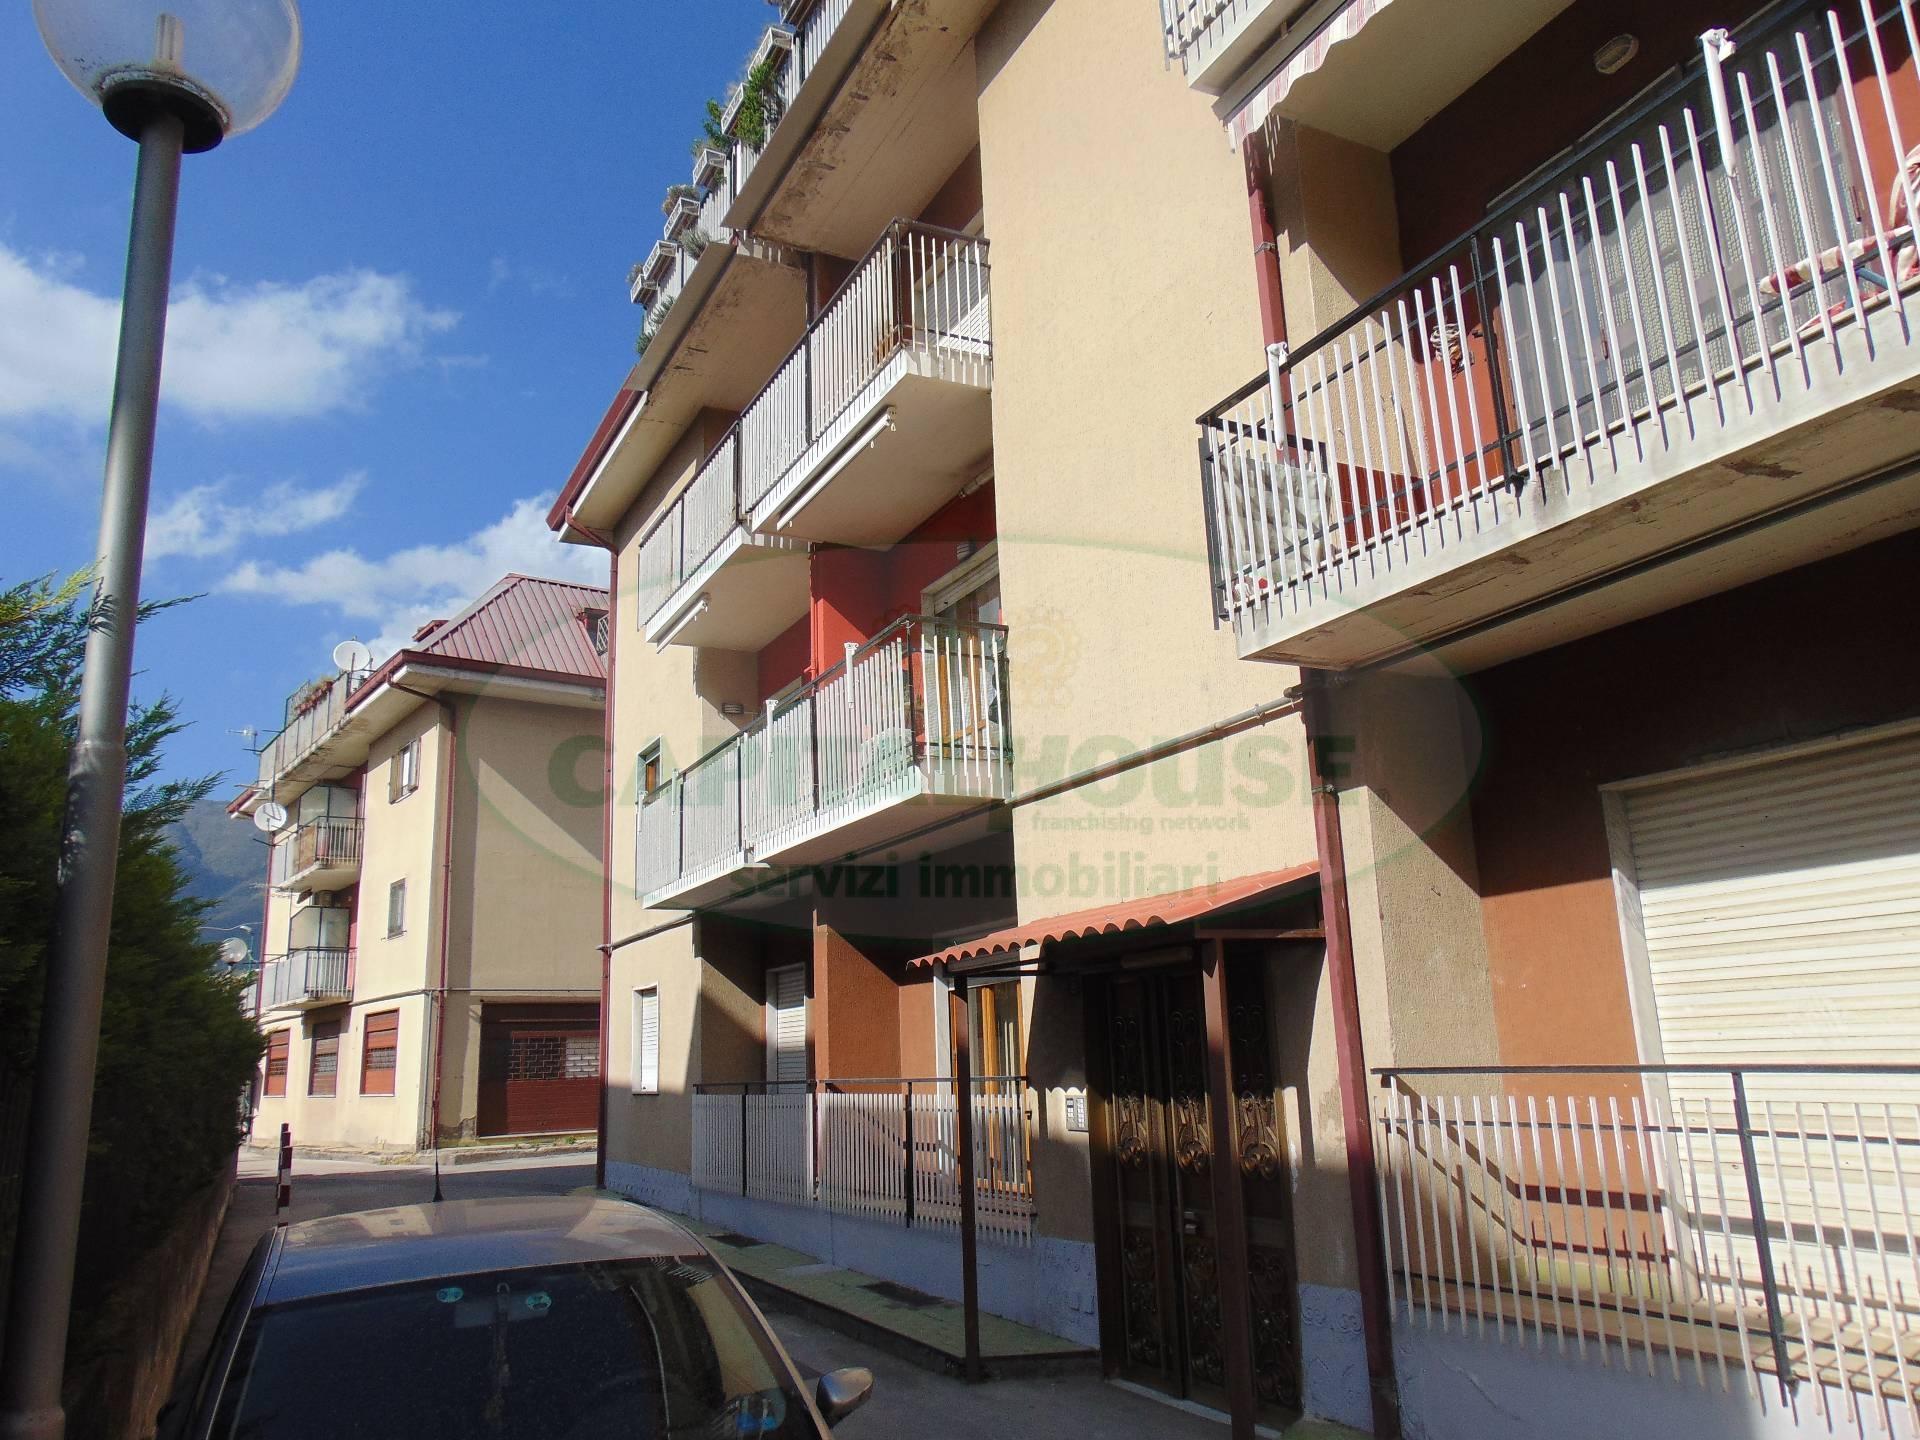 Appartamento in vendita a Sperone, 3 locali, prezzo € 55.000 | CambioCasa.it